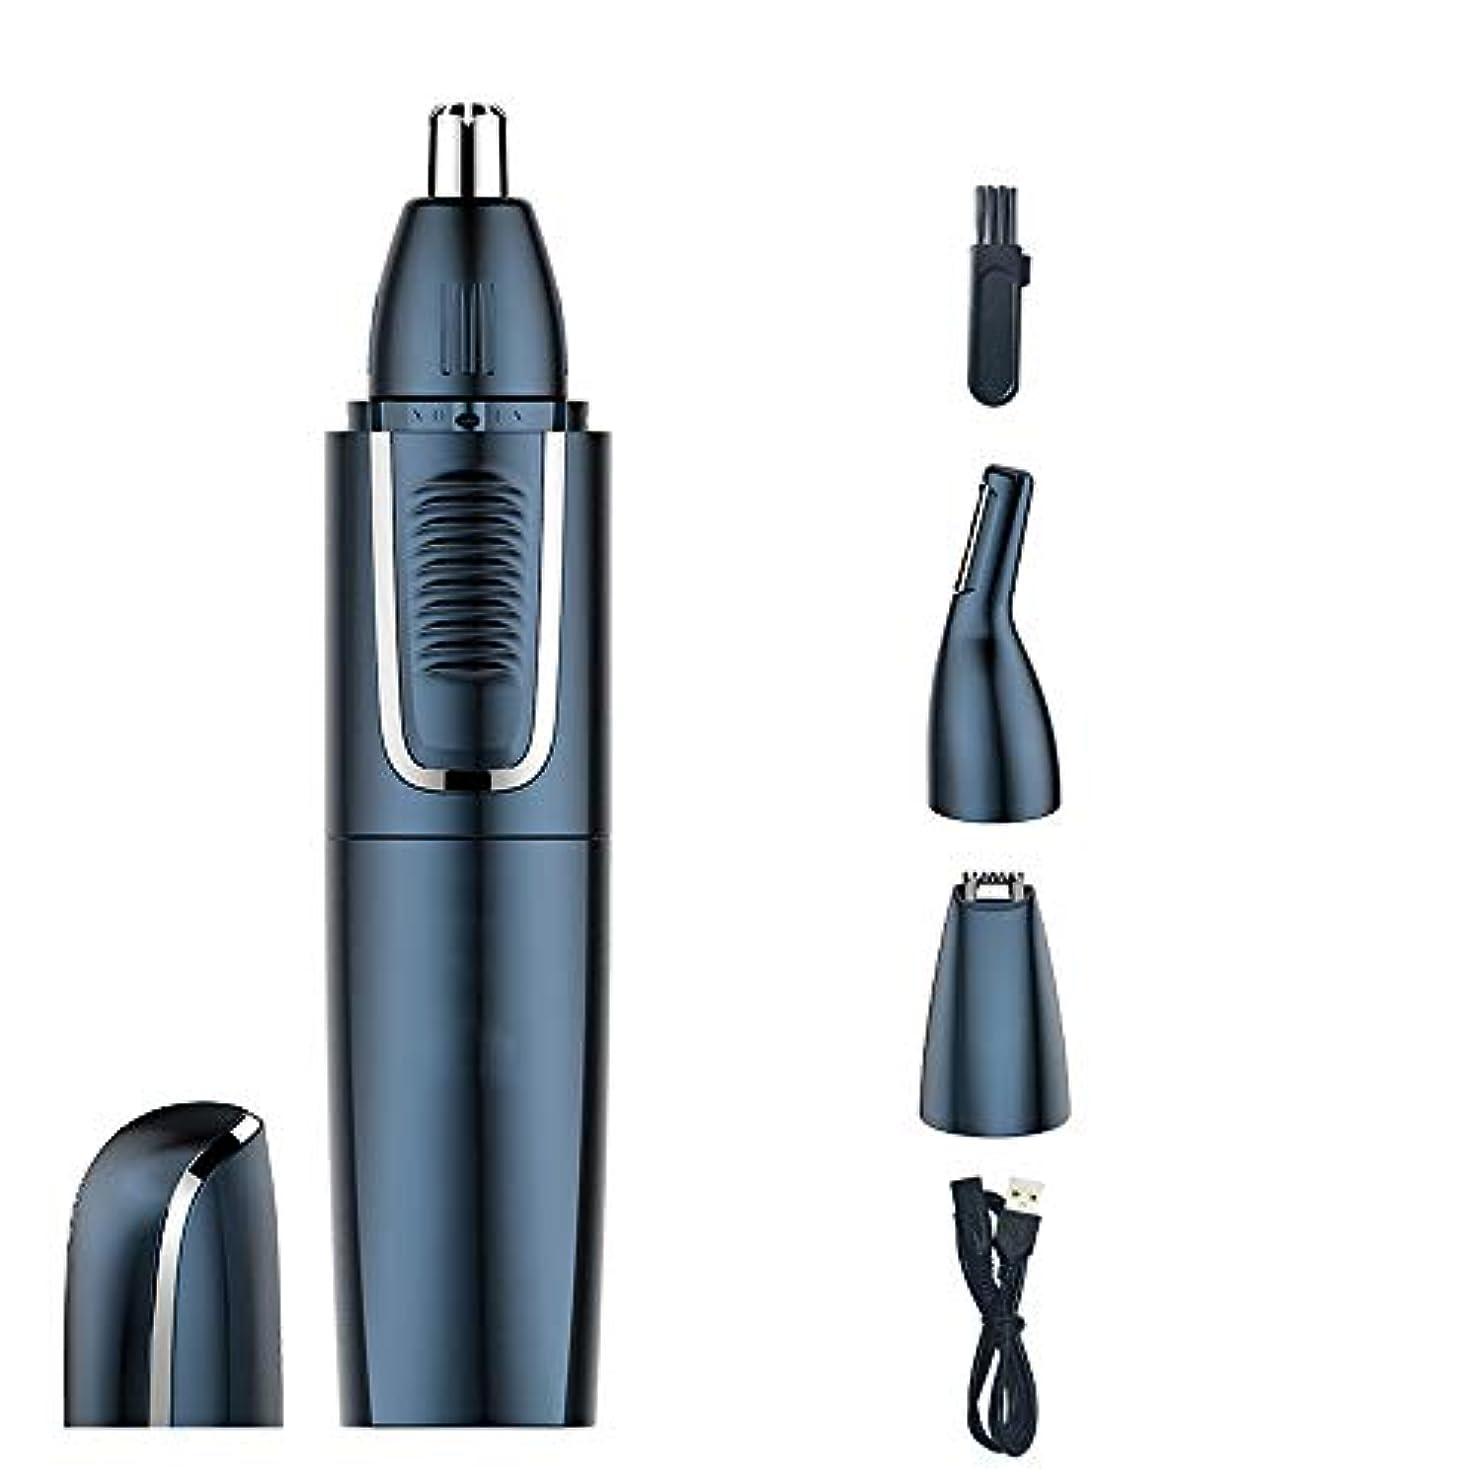 歌戸棚退院鼻毛トリマー-安全マニュアルステンレススチールメンズラウンドヘッドハサミ/多機能鼻毛トリマー/ 360°垂直ネットカッターヘッド/高さ135mm 使いやすい